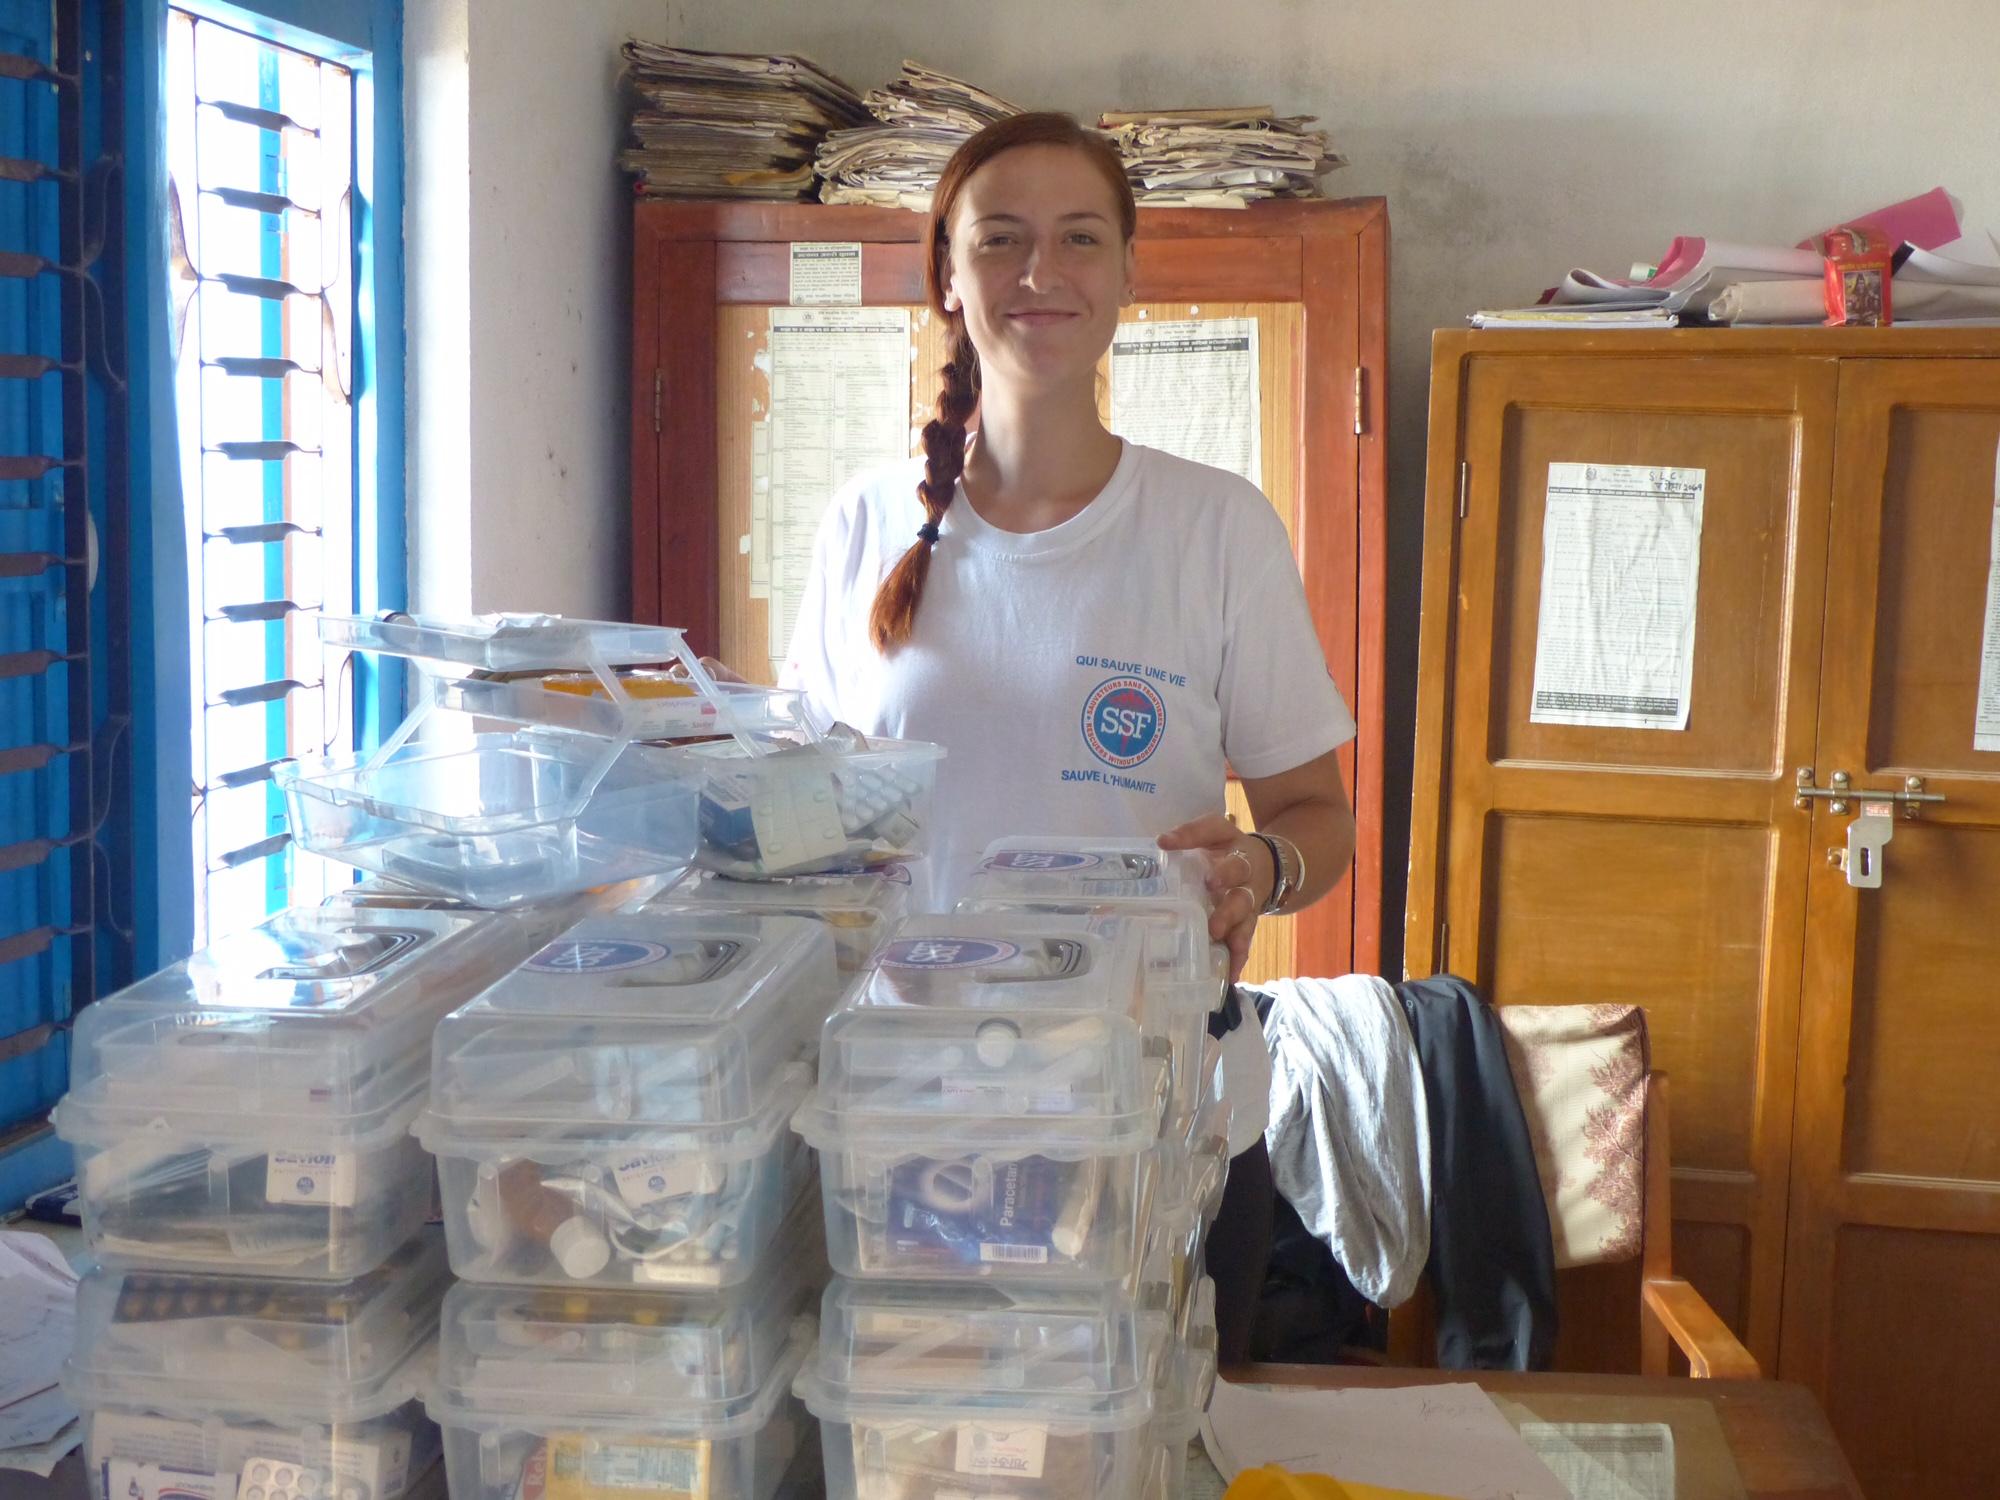 Alba Chenard et ses trousses de secours, Thokarpa, Népal, Aoùut 2015